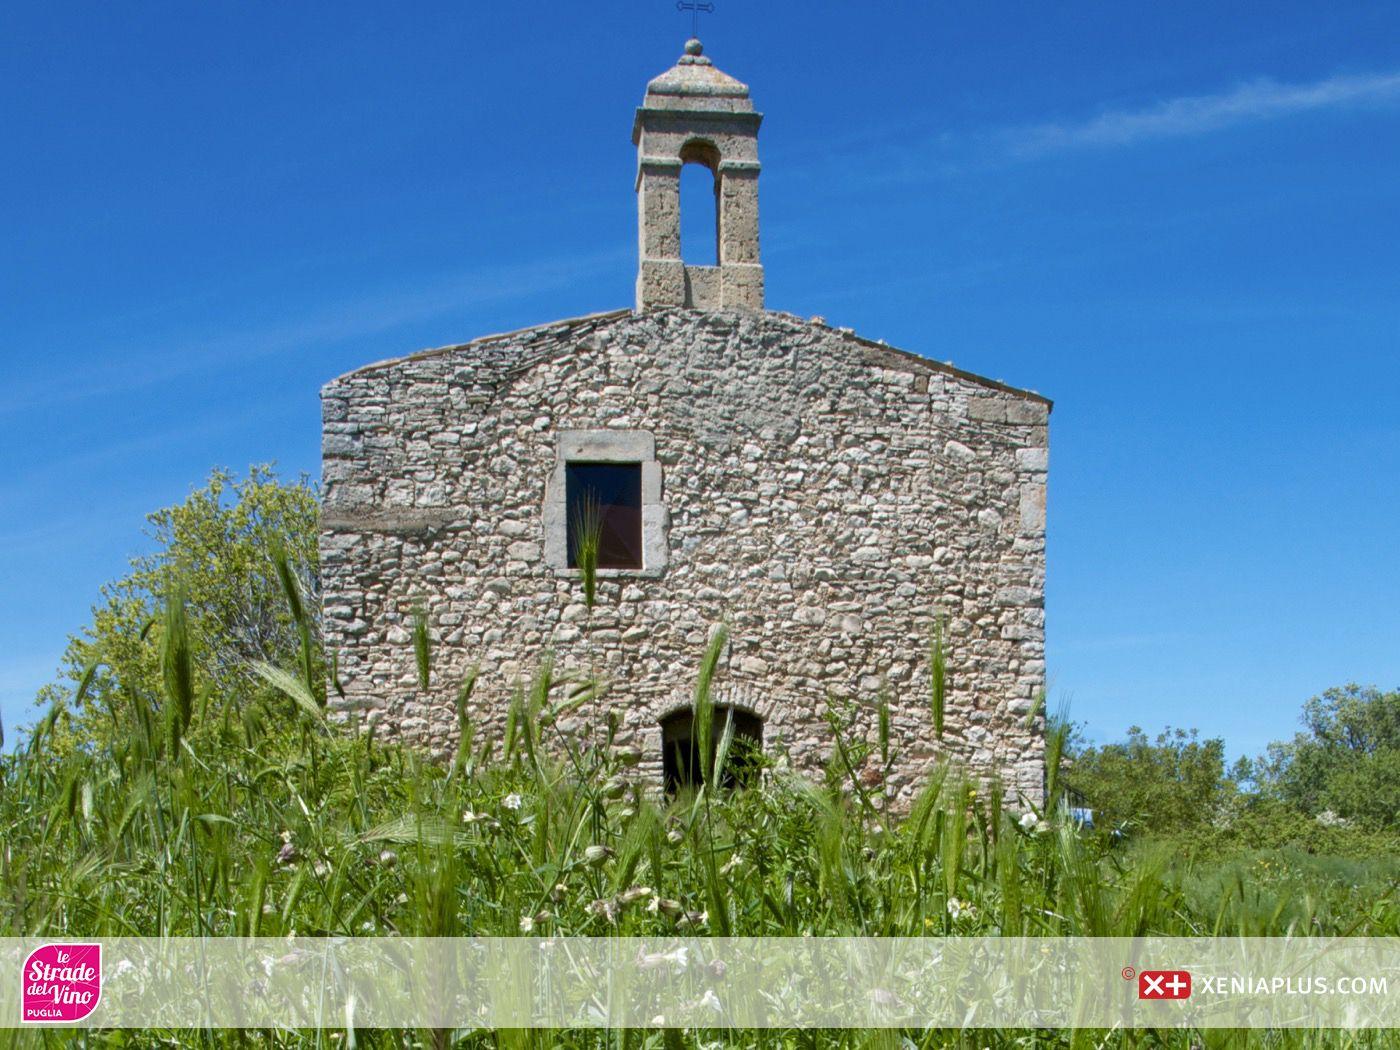 Chiesa di San Magno http://www.lestradedelvinopuglia.it/itinerario/parco-dellalta-murgia/